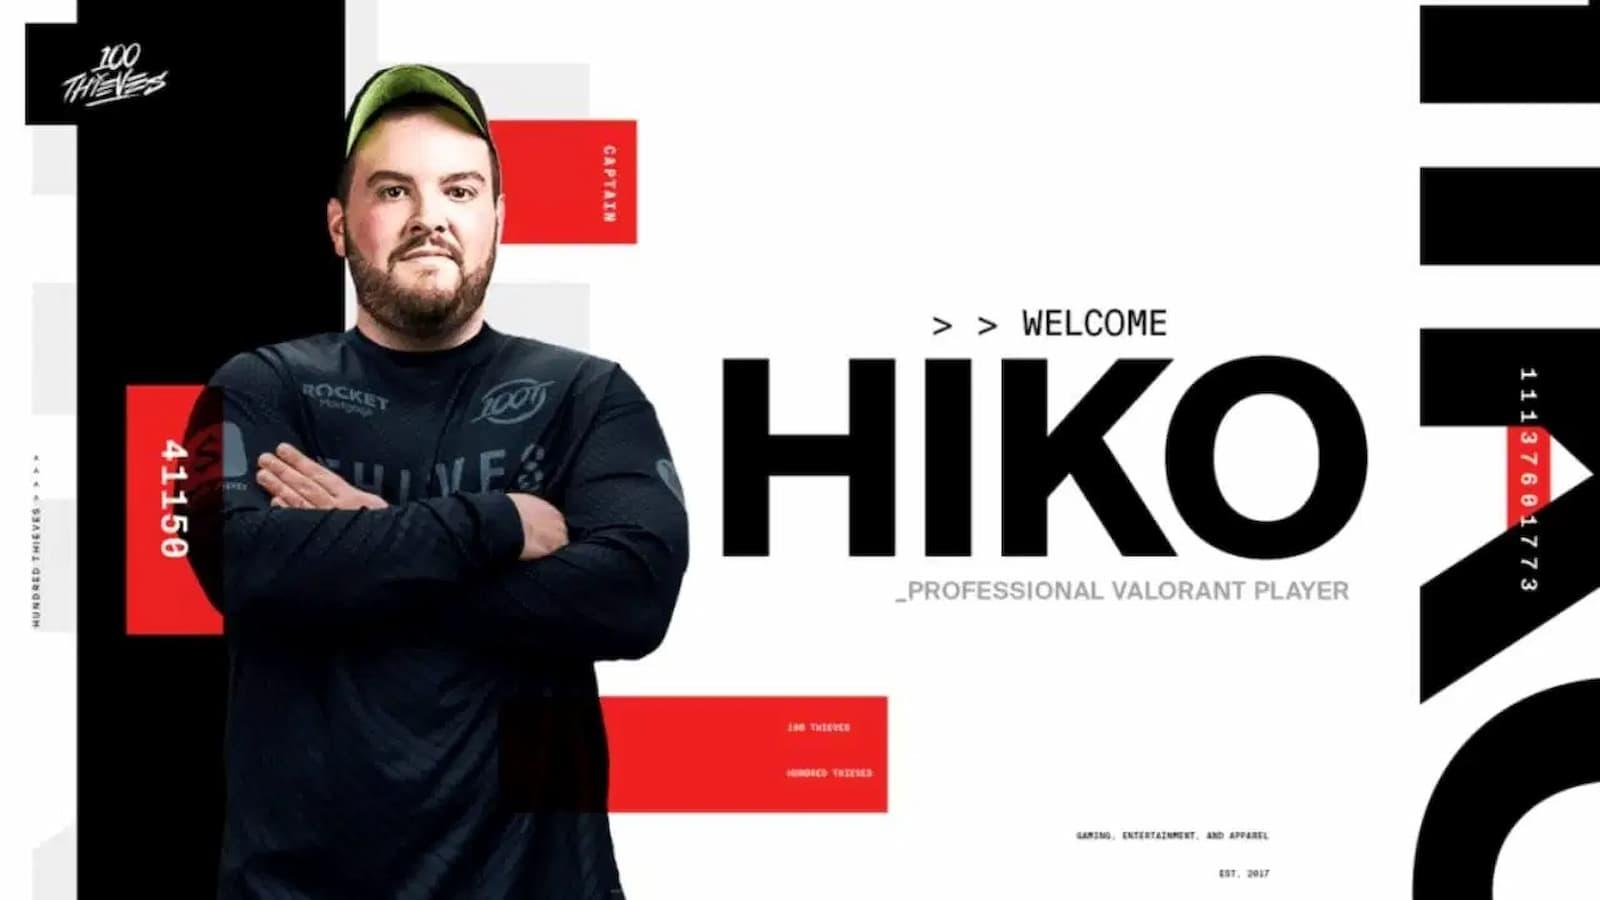 Valorant: Hiko Net Worth, Salary, Charities, Sponsors